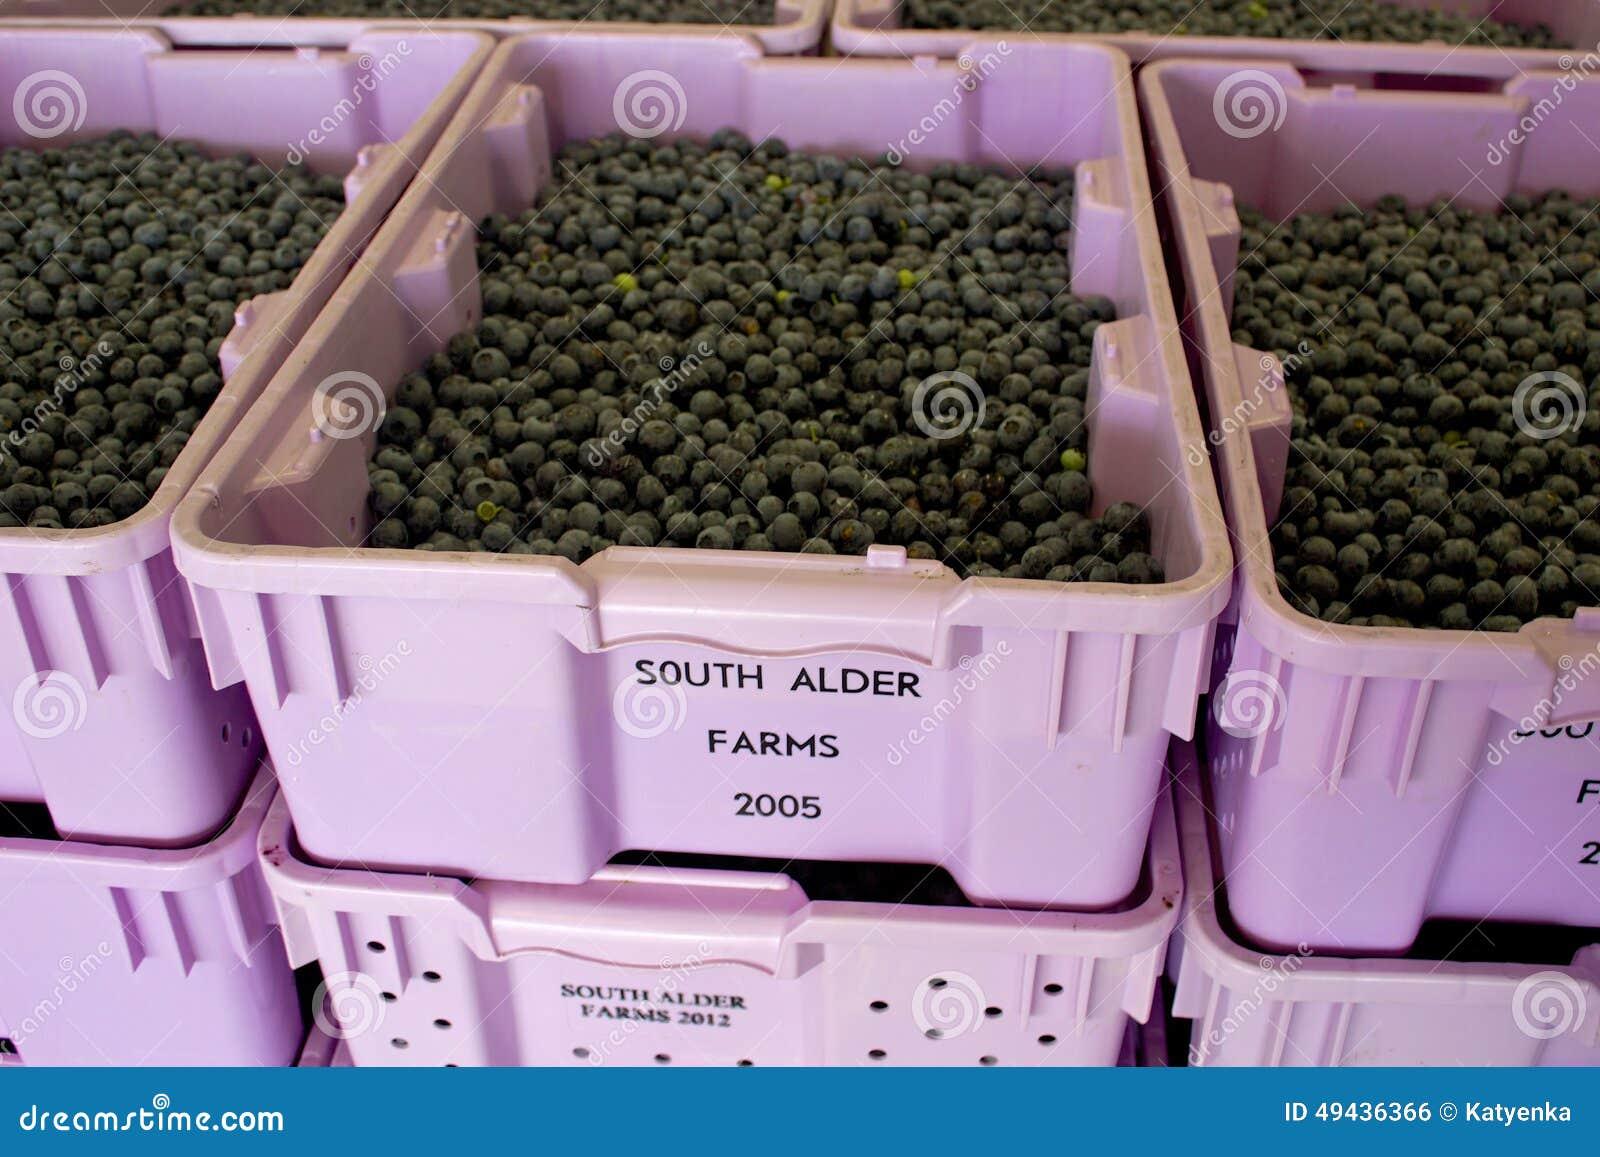 Myrtilles fraîchement sélectionnées de haut-Bush prêtes pour le tri